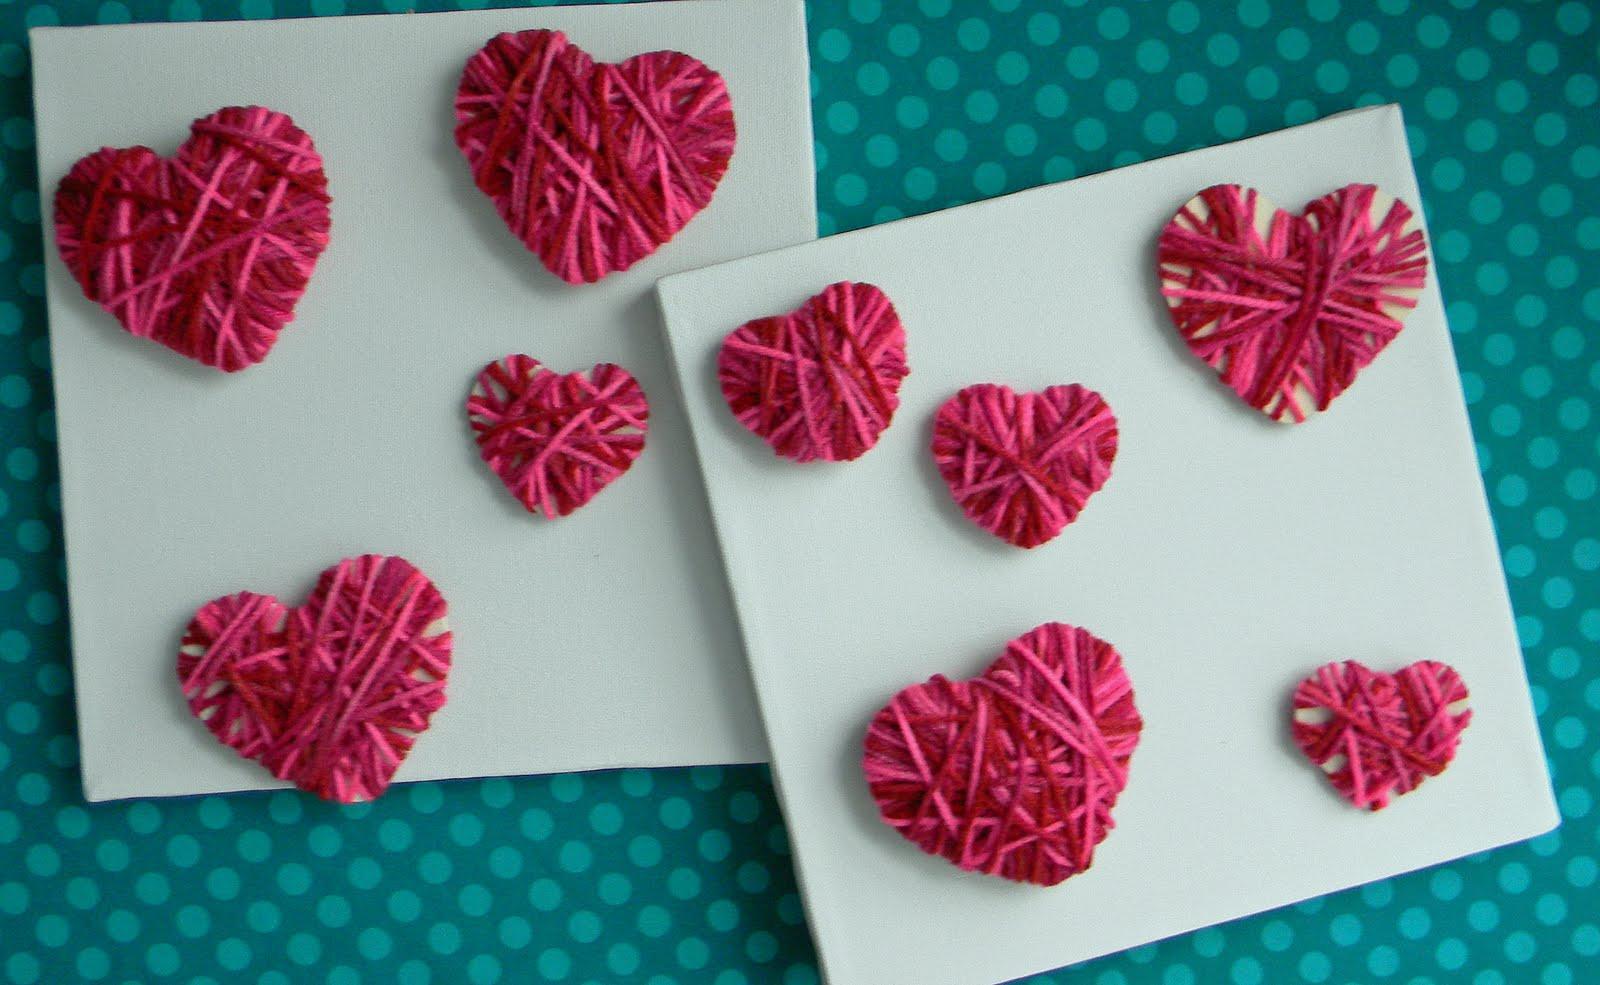 Bastelideen Diy  Valentinstag Karte Bastelideen für DIY Karte fresHouse